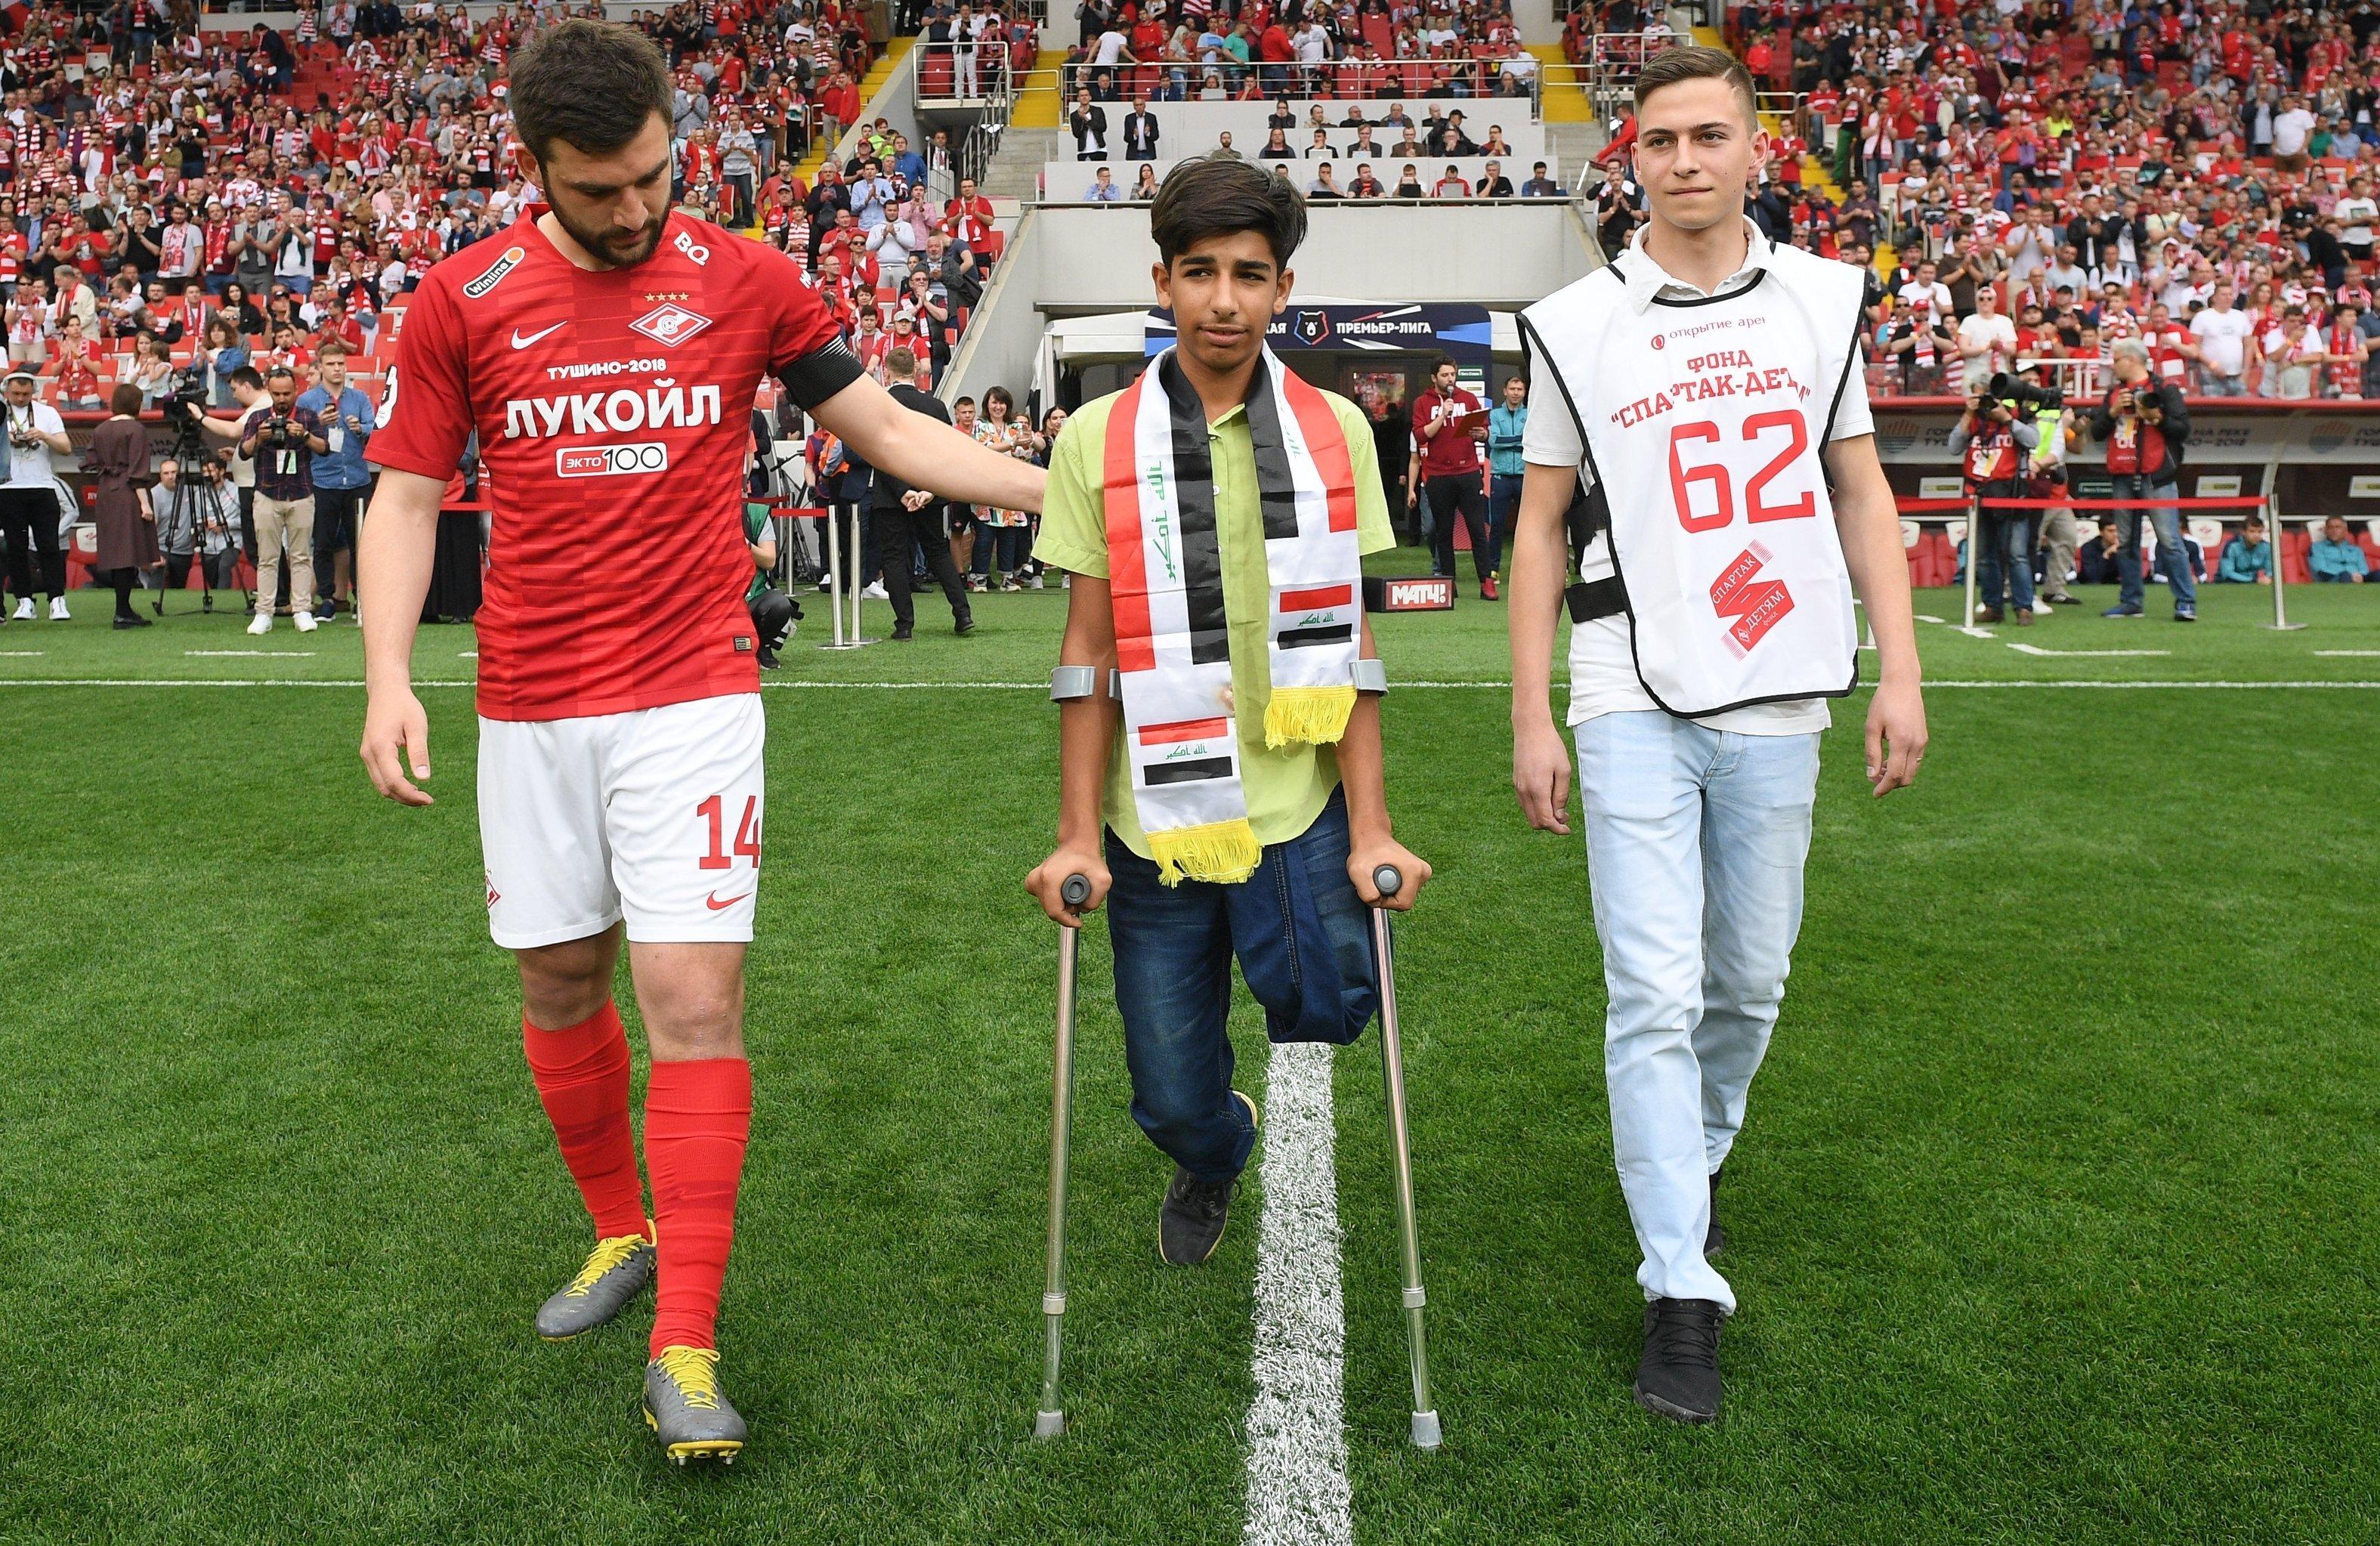 الفتى العراقي بطل صورة الرغبةفي الحياة يركل كرة البداية في مباراة بالدوري الروسي